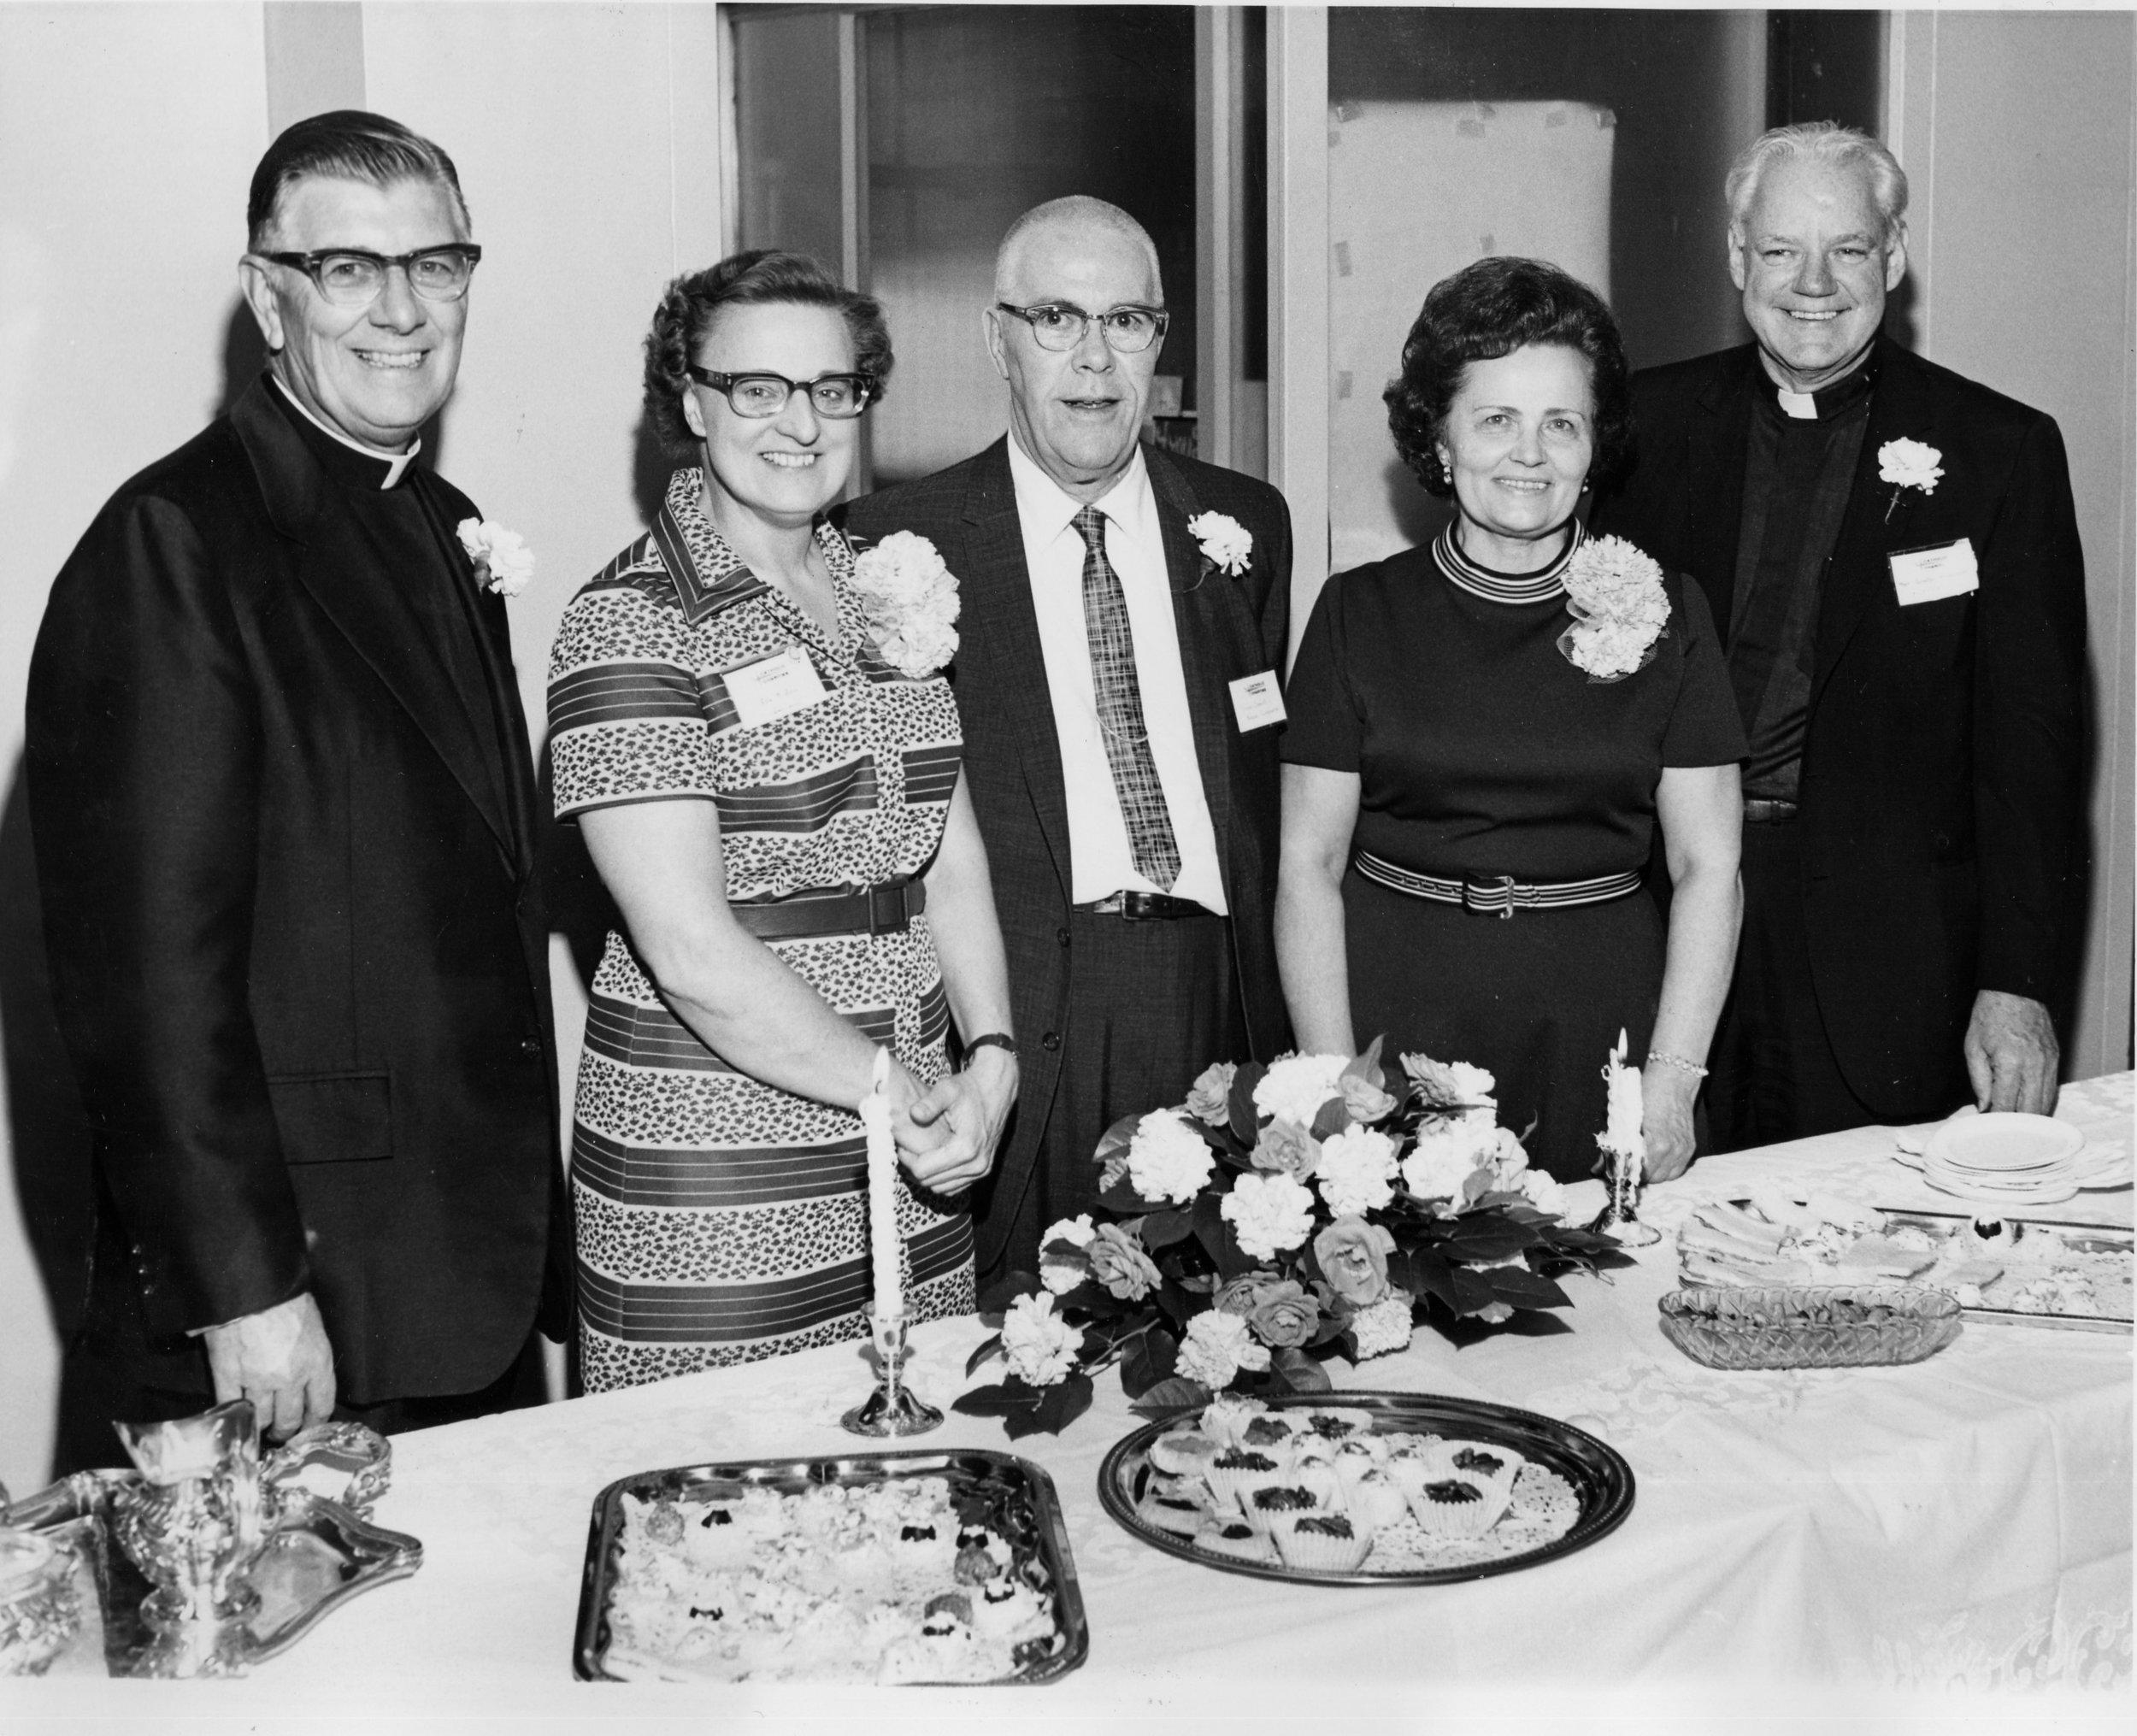 6-B   Msg Holbrook, Rita Field, Sam Grant, Msgr McDermott, Jolia Dec 10-26-71.jpg